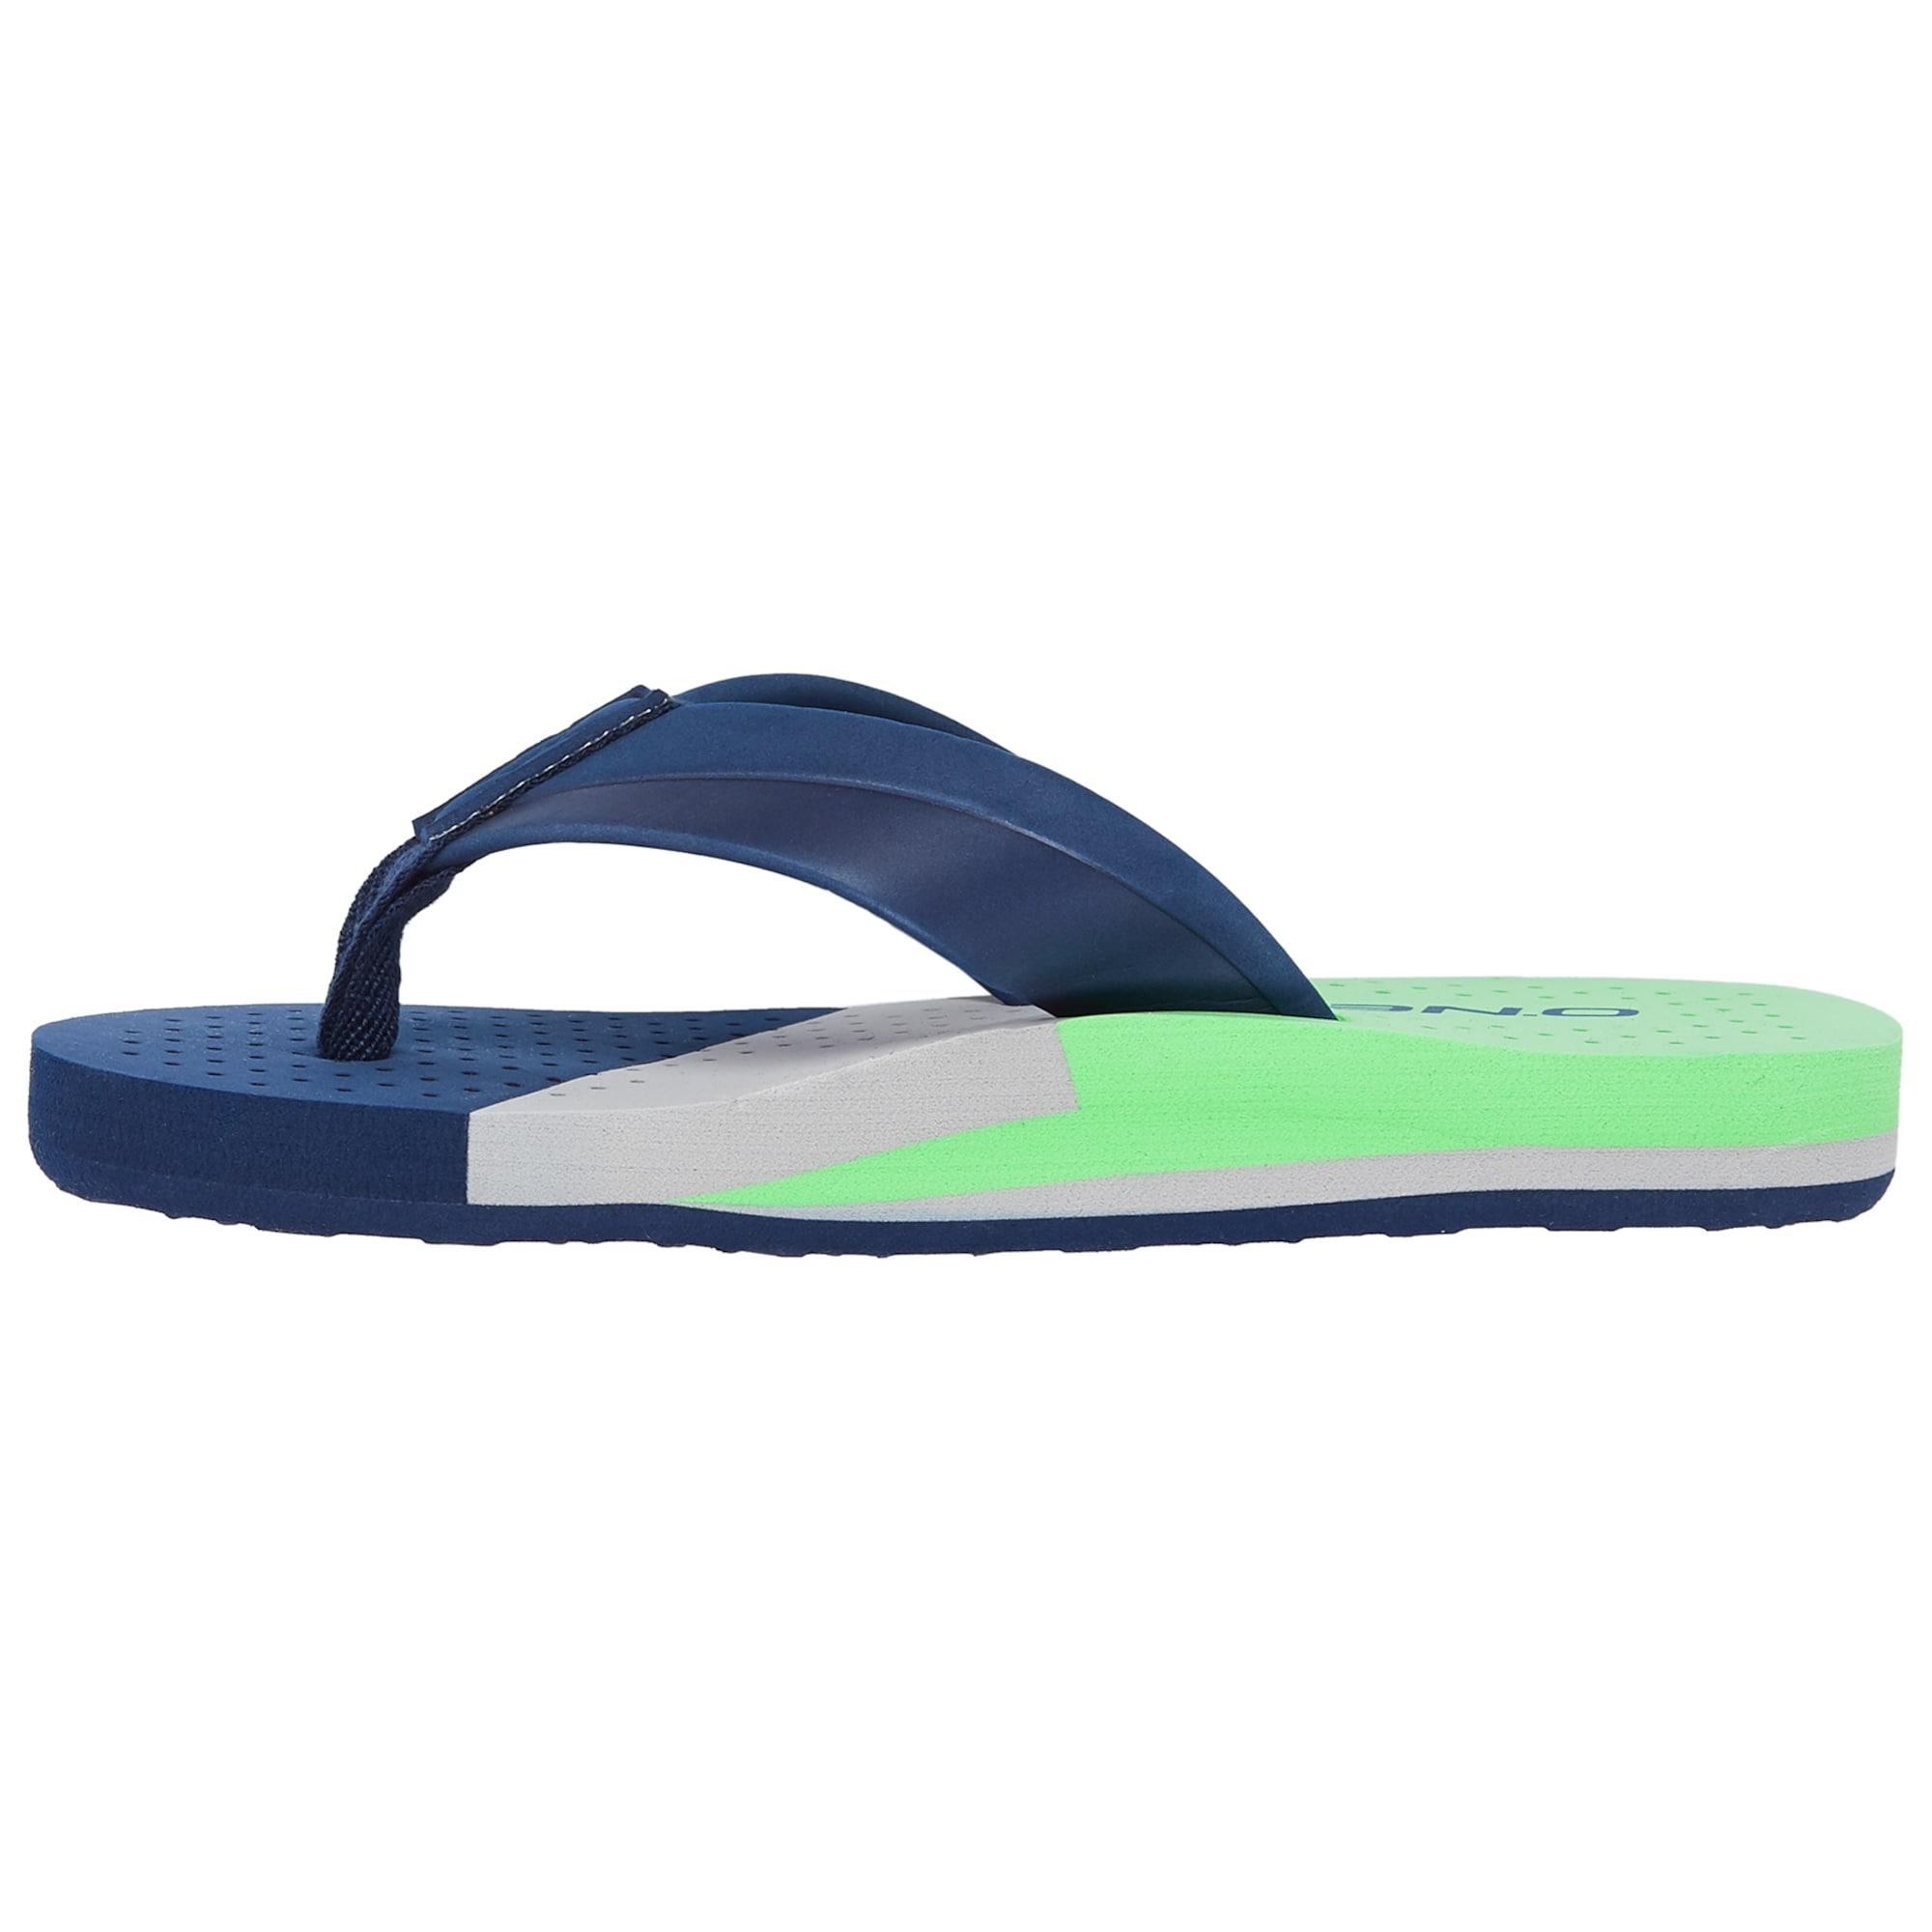 O'NEILL Atviri batai 'FB IMPRINT PUNCH SANDALS' mėlyna / žalia